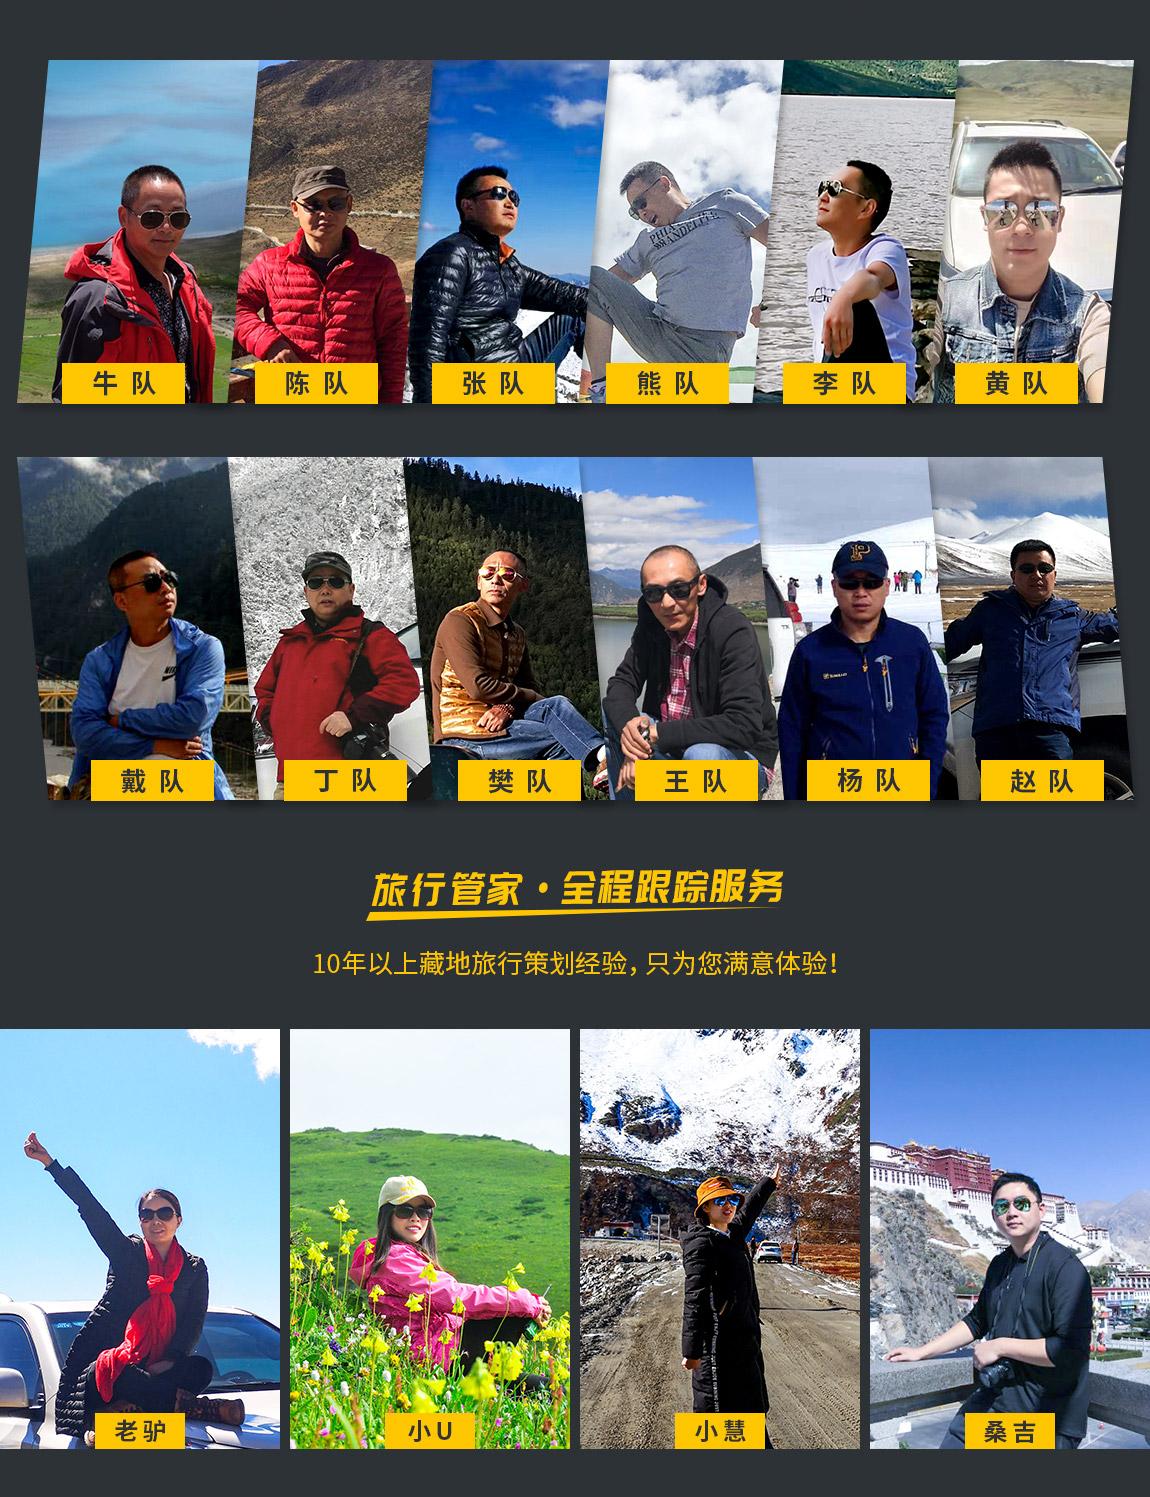 川藏线自驾游详情页_2020升级版_17